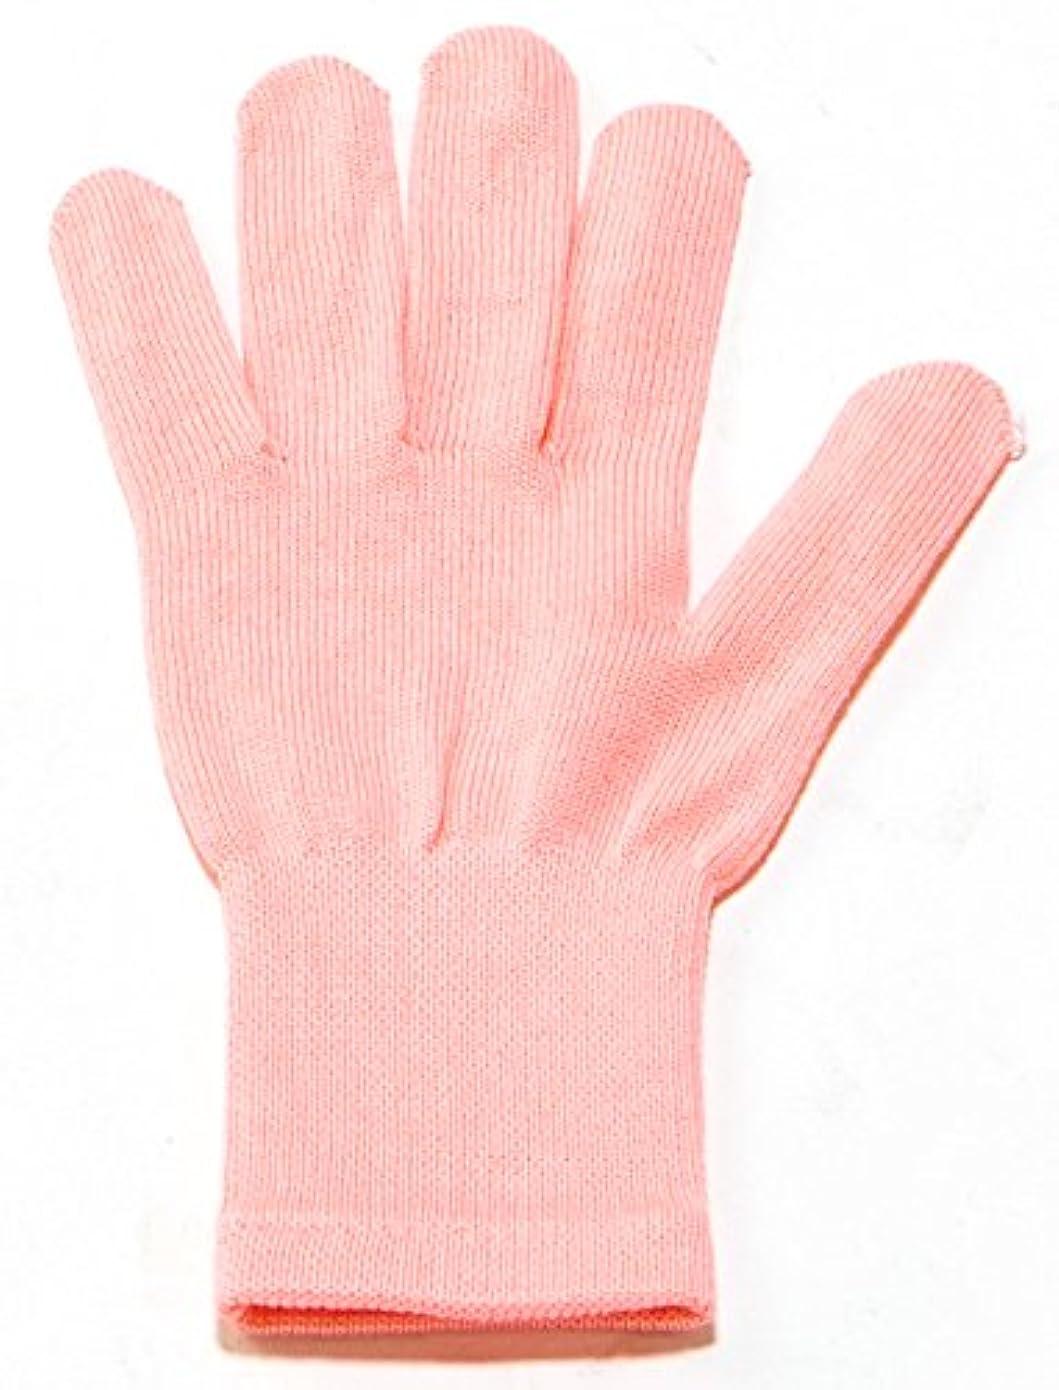 戦略コンテスト辞任イチーナ【ハンドケア手袋ショート】天然保湿効果配合繊維(レディース?フリーサイズ) (ピンク)